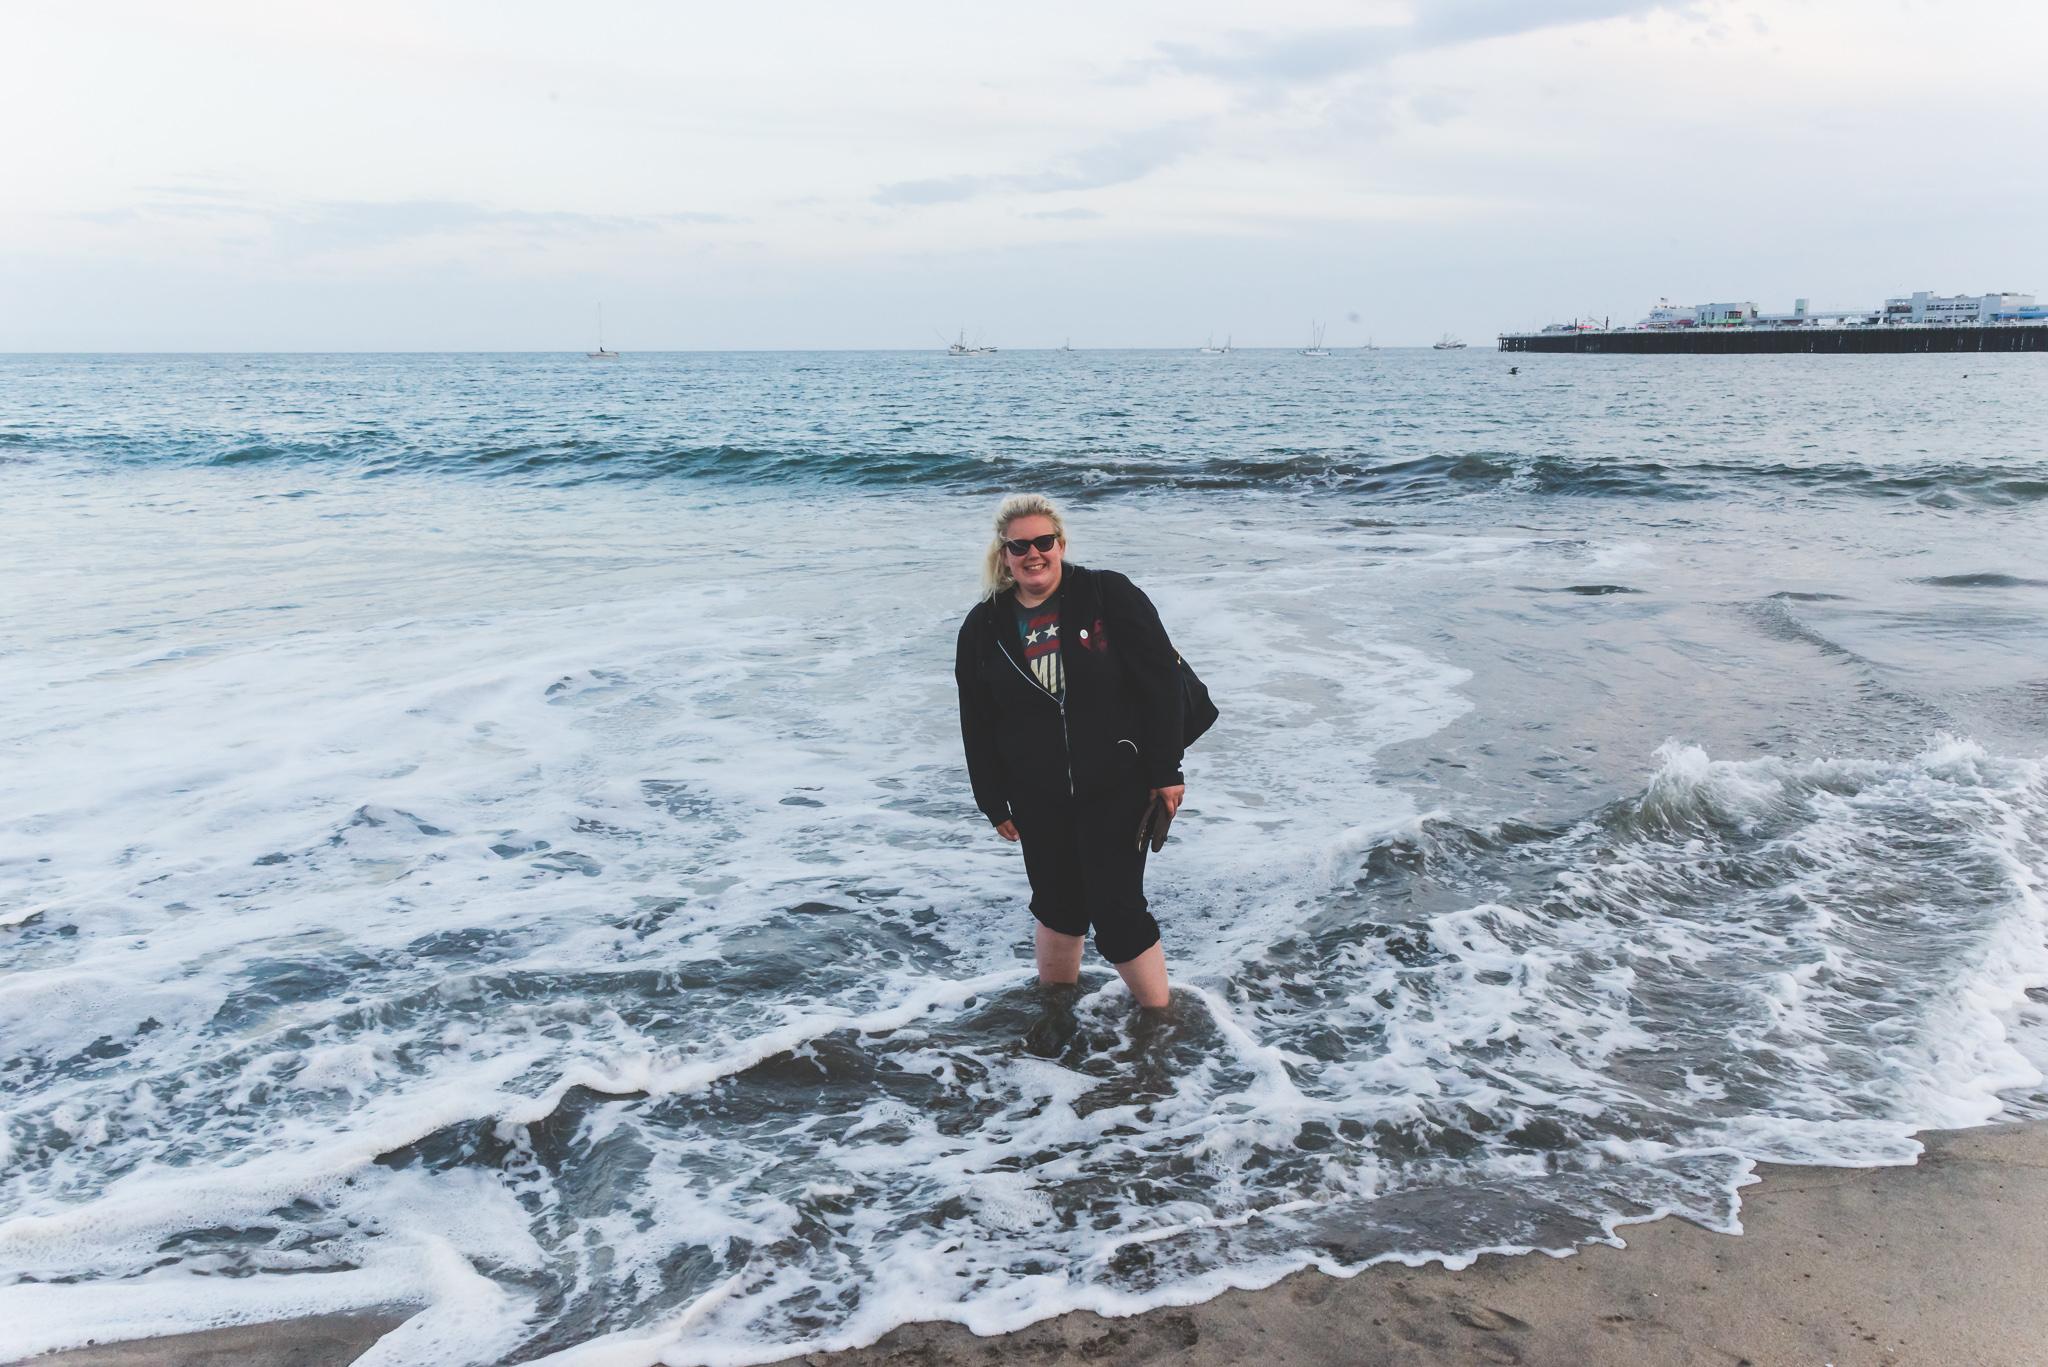 The waves felt so nice! / 5/3/16 / Santa Cruz, CA